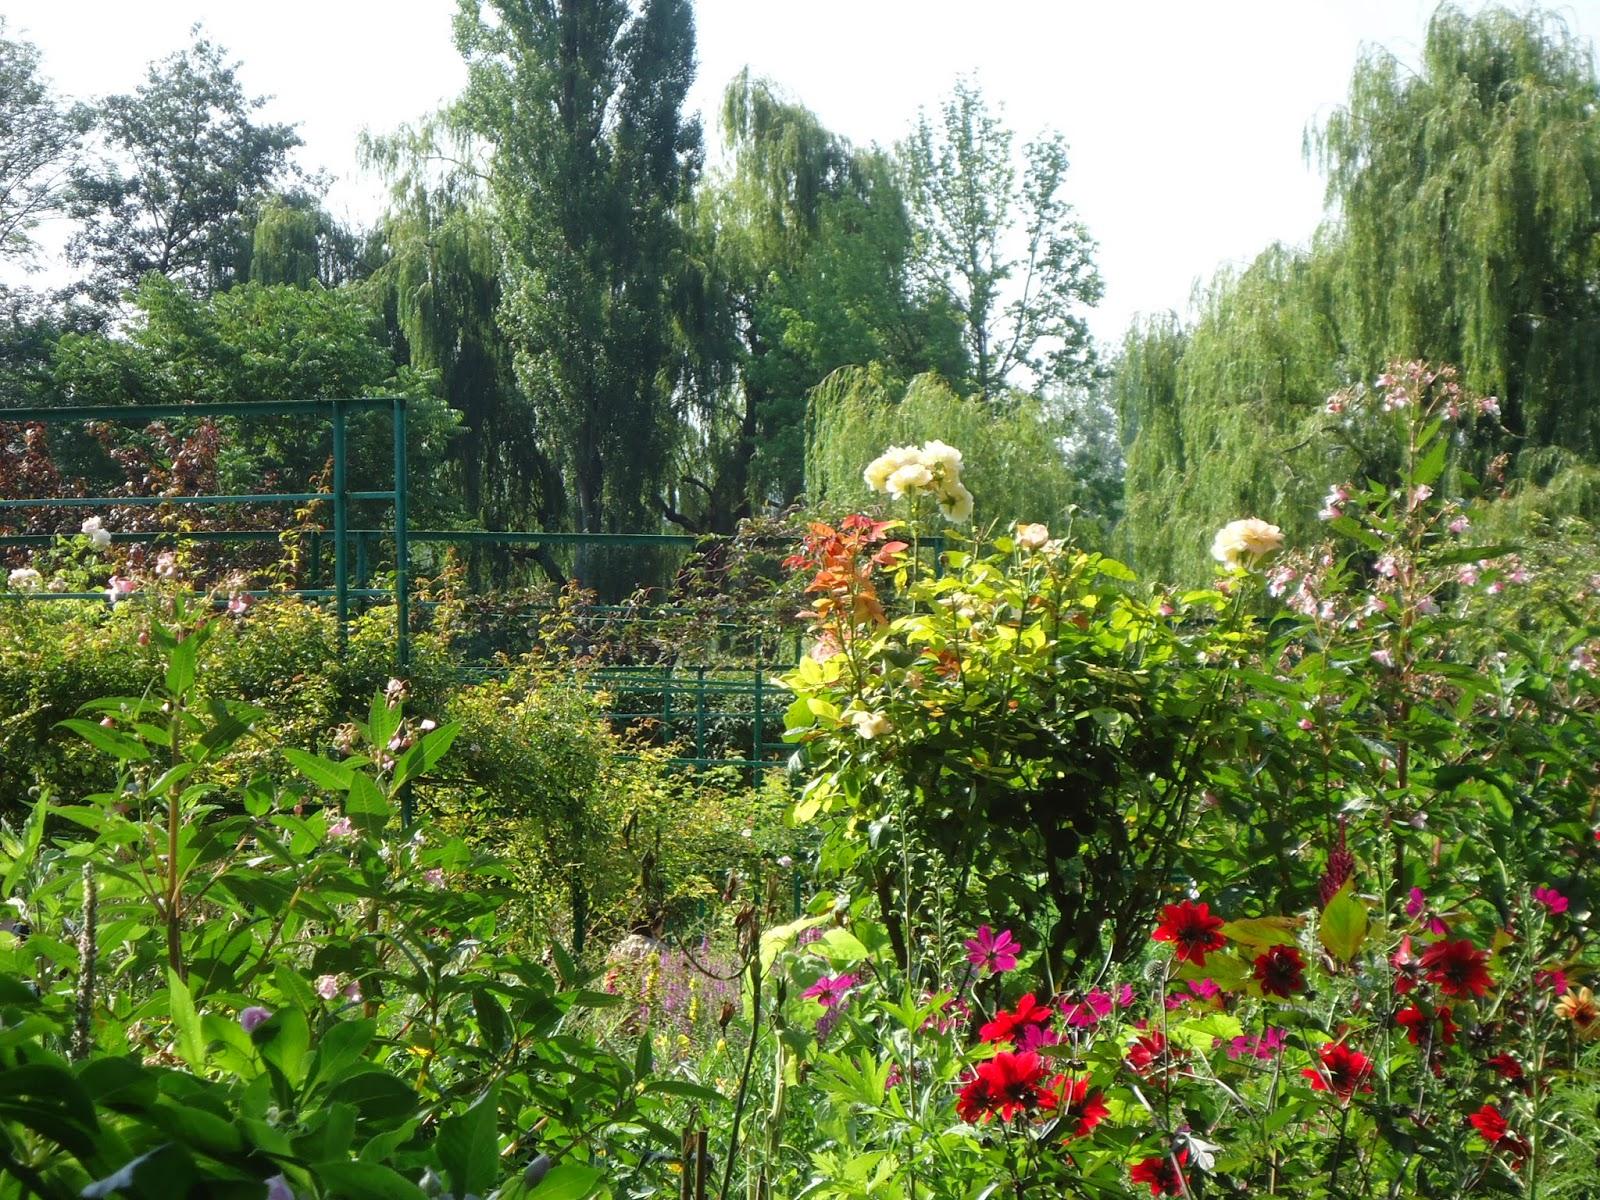 les points suspendus … € Giverny maison et jardin de Claude